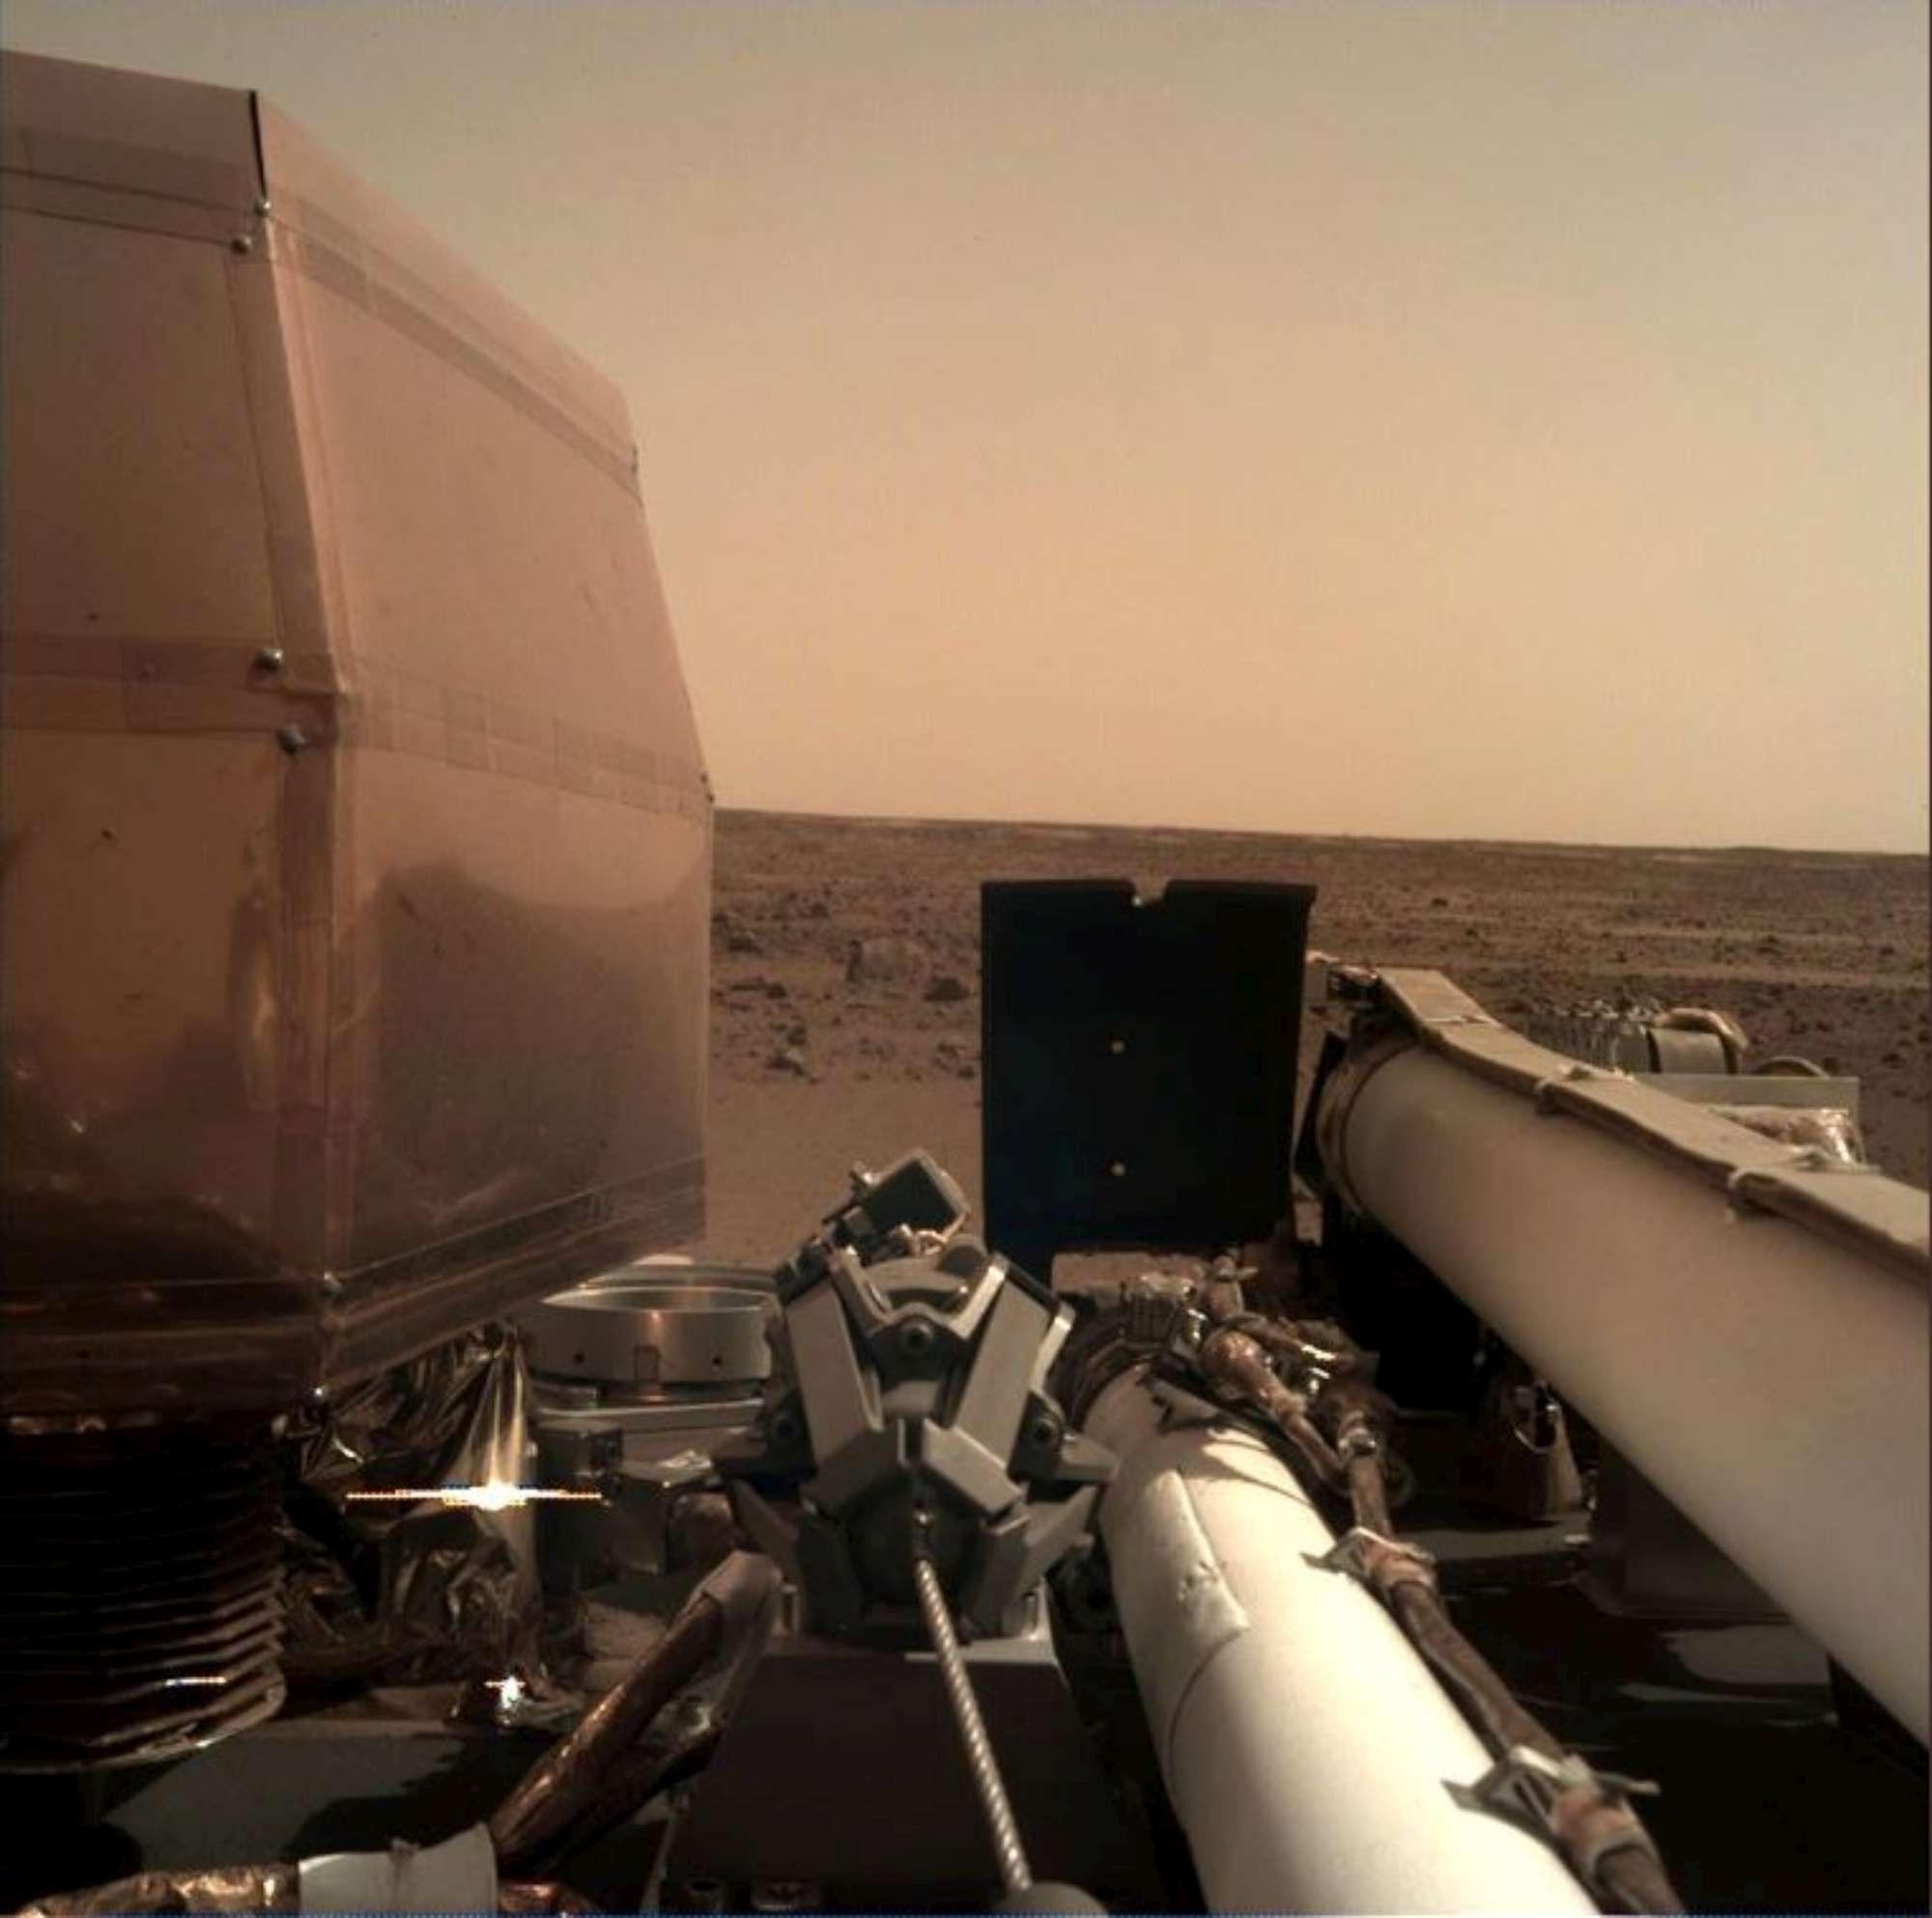 Spazio, la sonda Insight della Nasa è atterrata su Marte